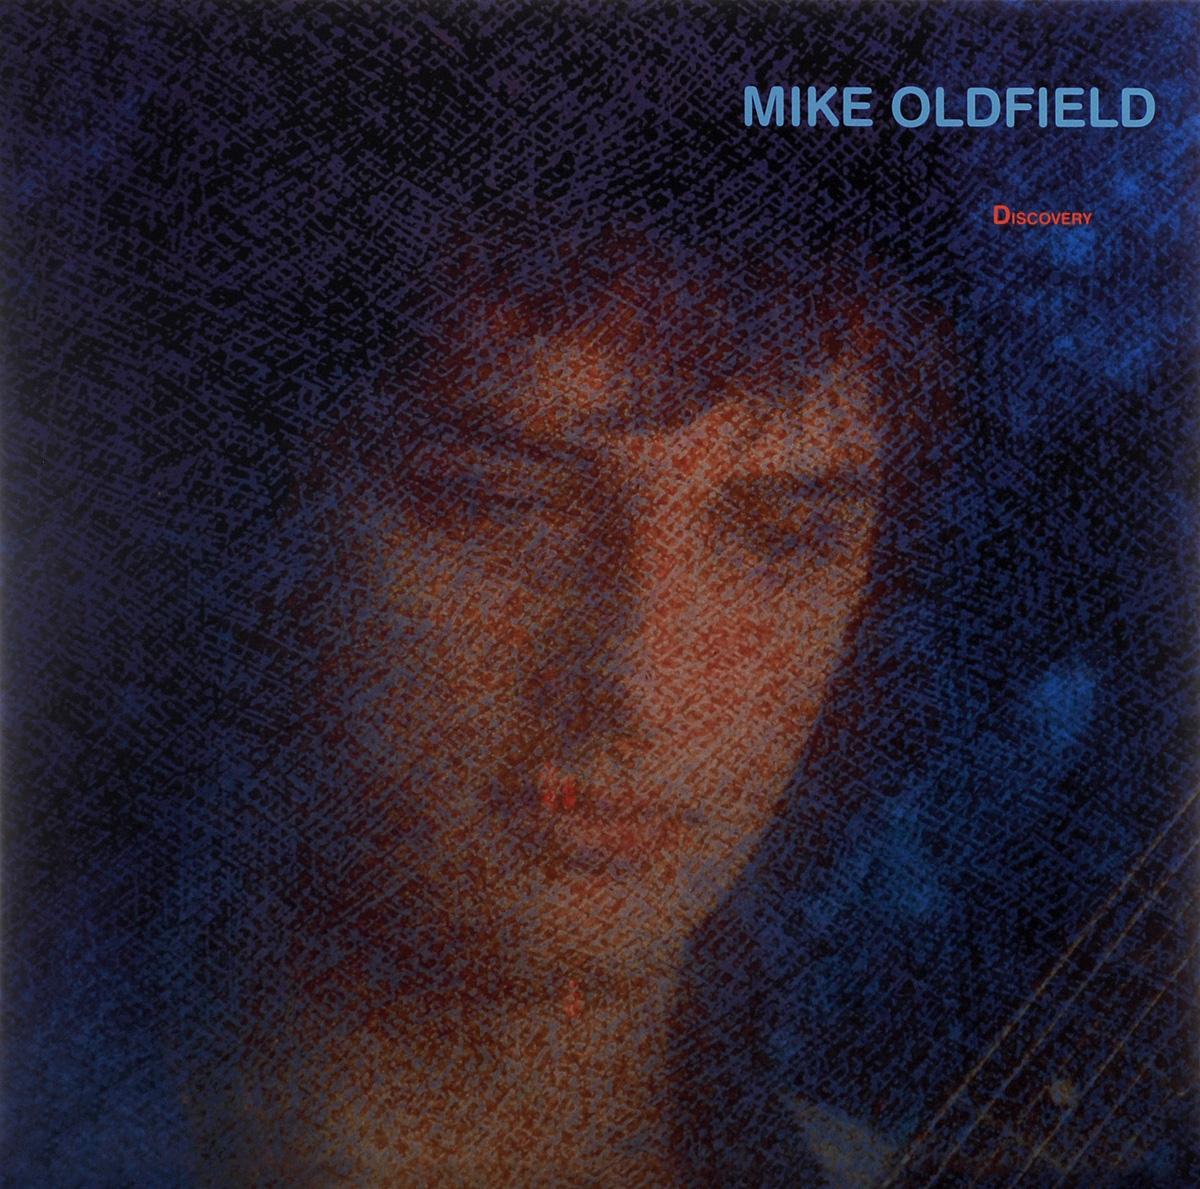 Майк Олдфилд Mike Oldfield. Discovery (LP)